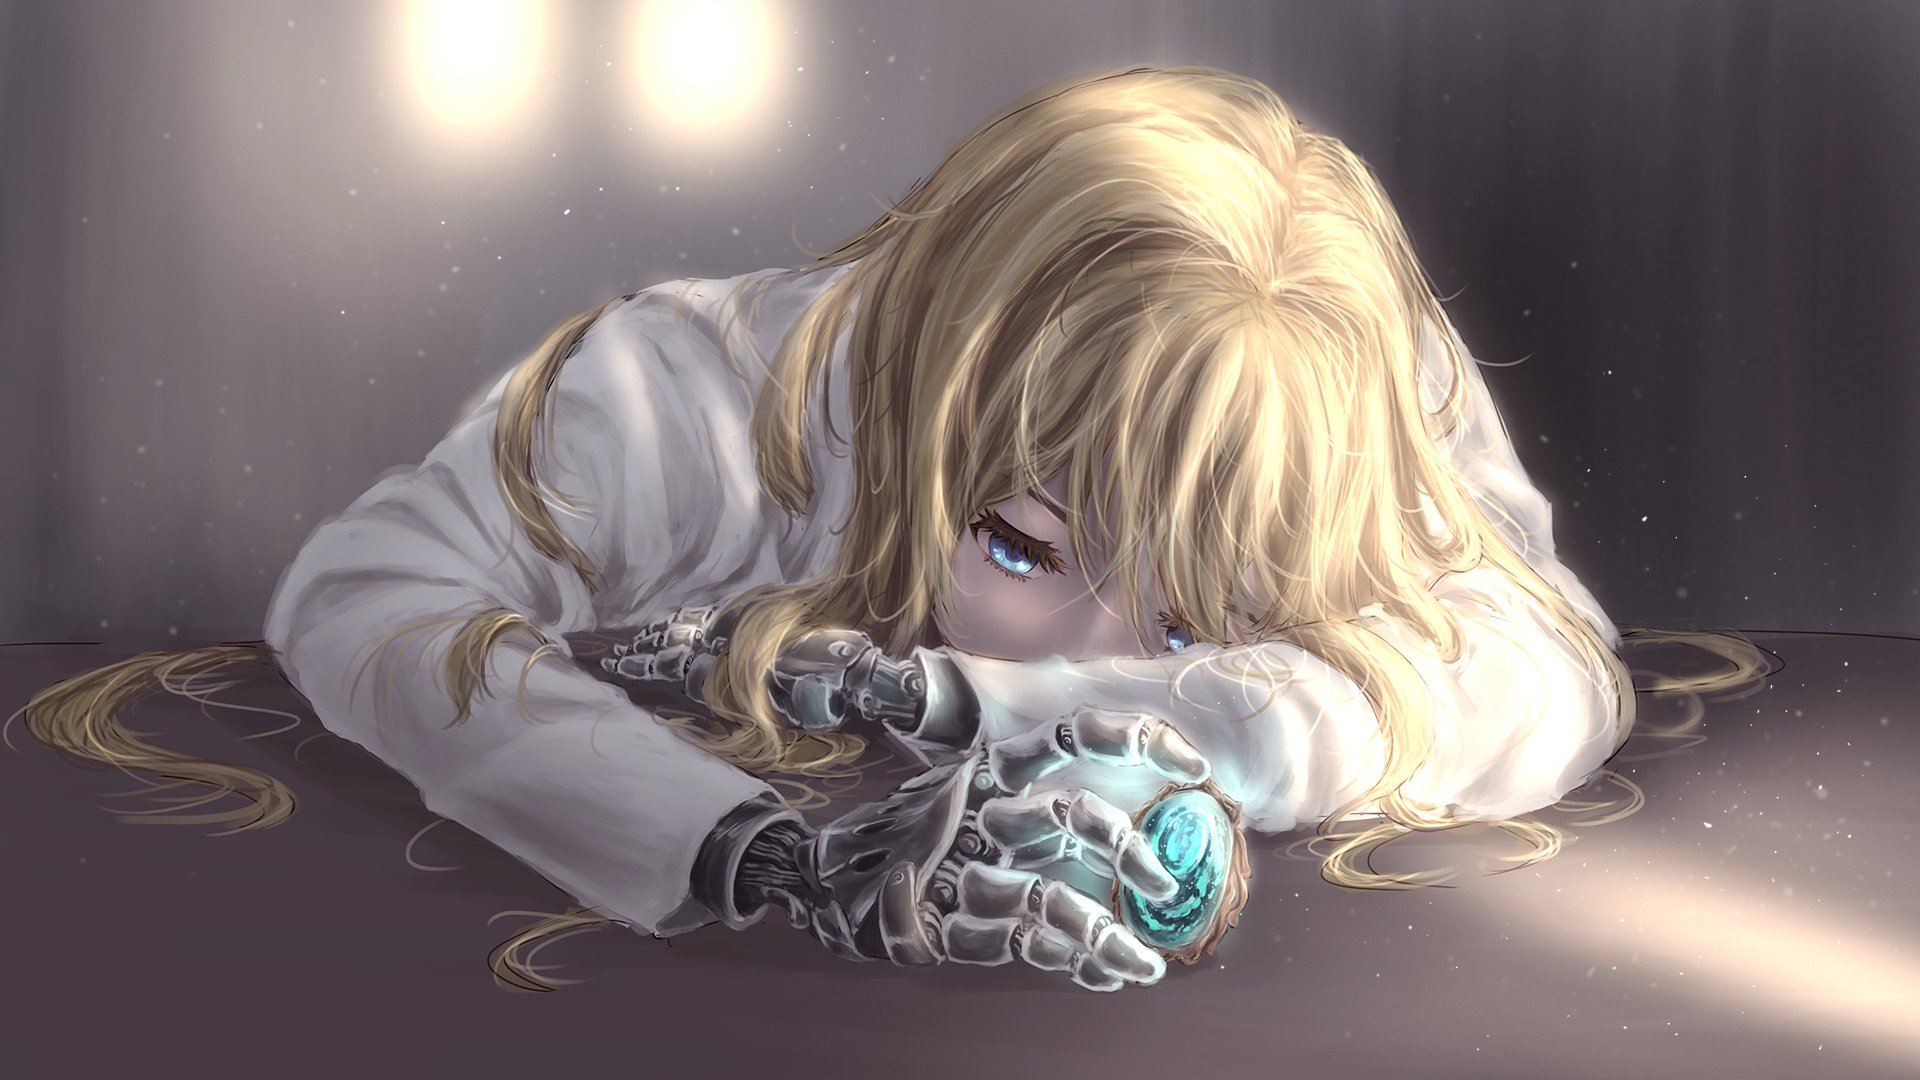 Ảnh girl anime buồn, tuyệt vọng cực đẹp